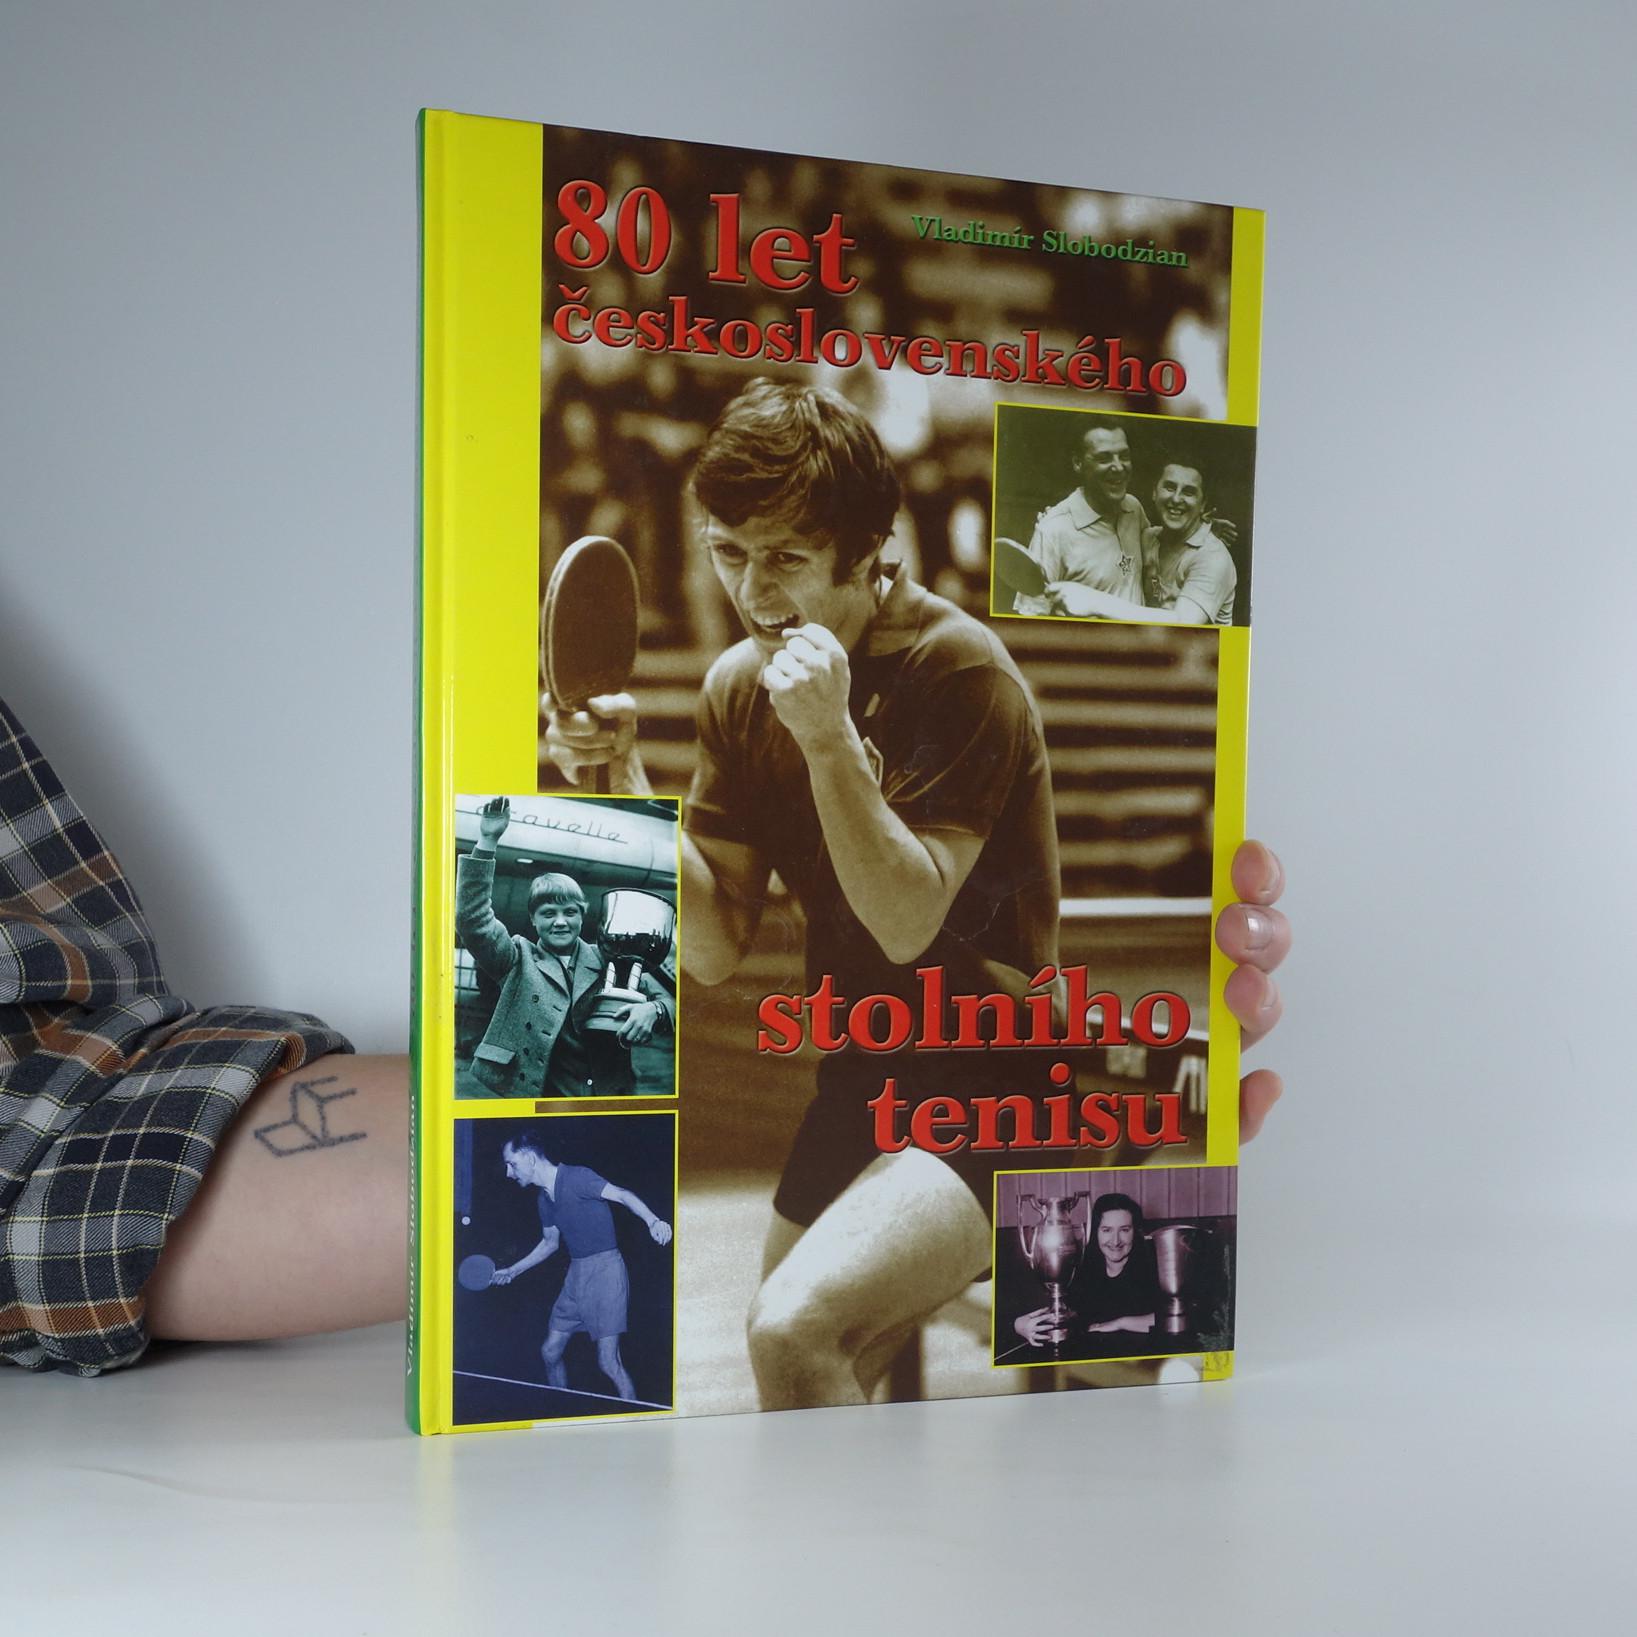 antikvární kniha 80 let československého stolního tenisu, 2005